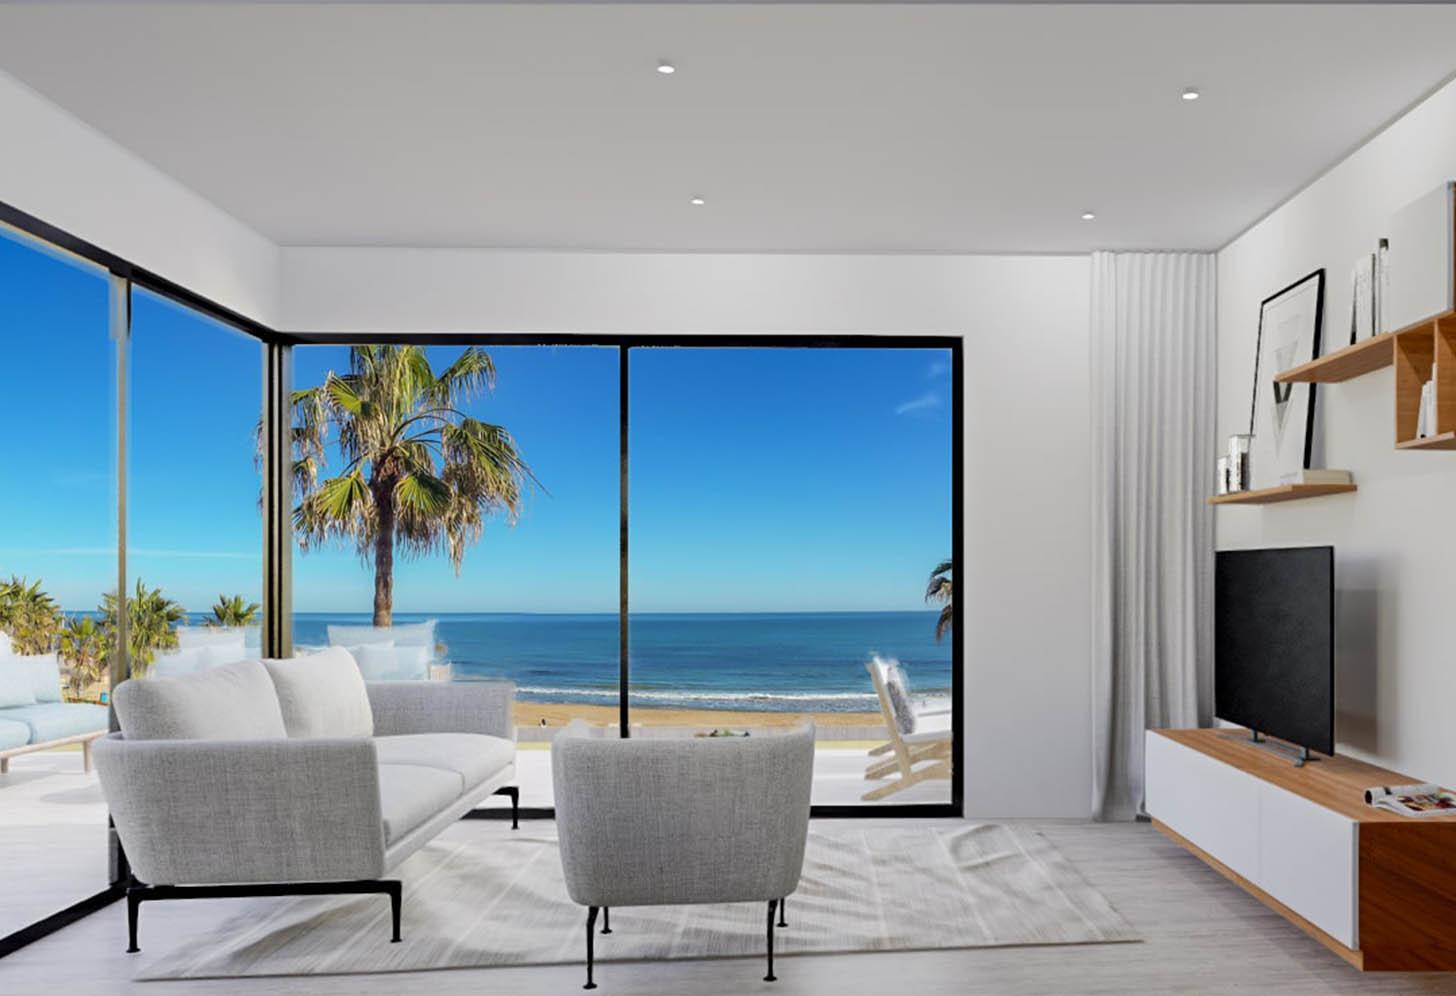 immobilier neuf espagne costa blanca nord on-c6 edificio miramar salon